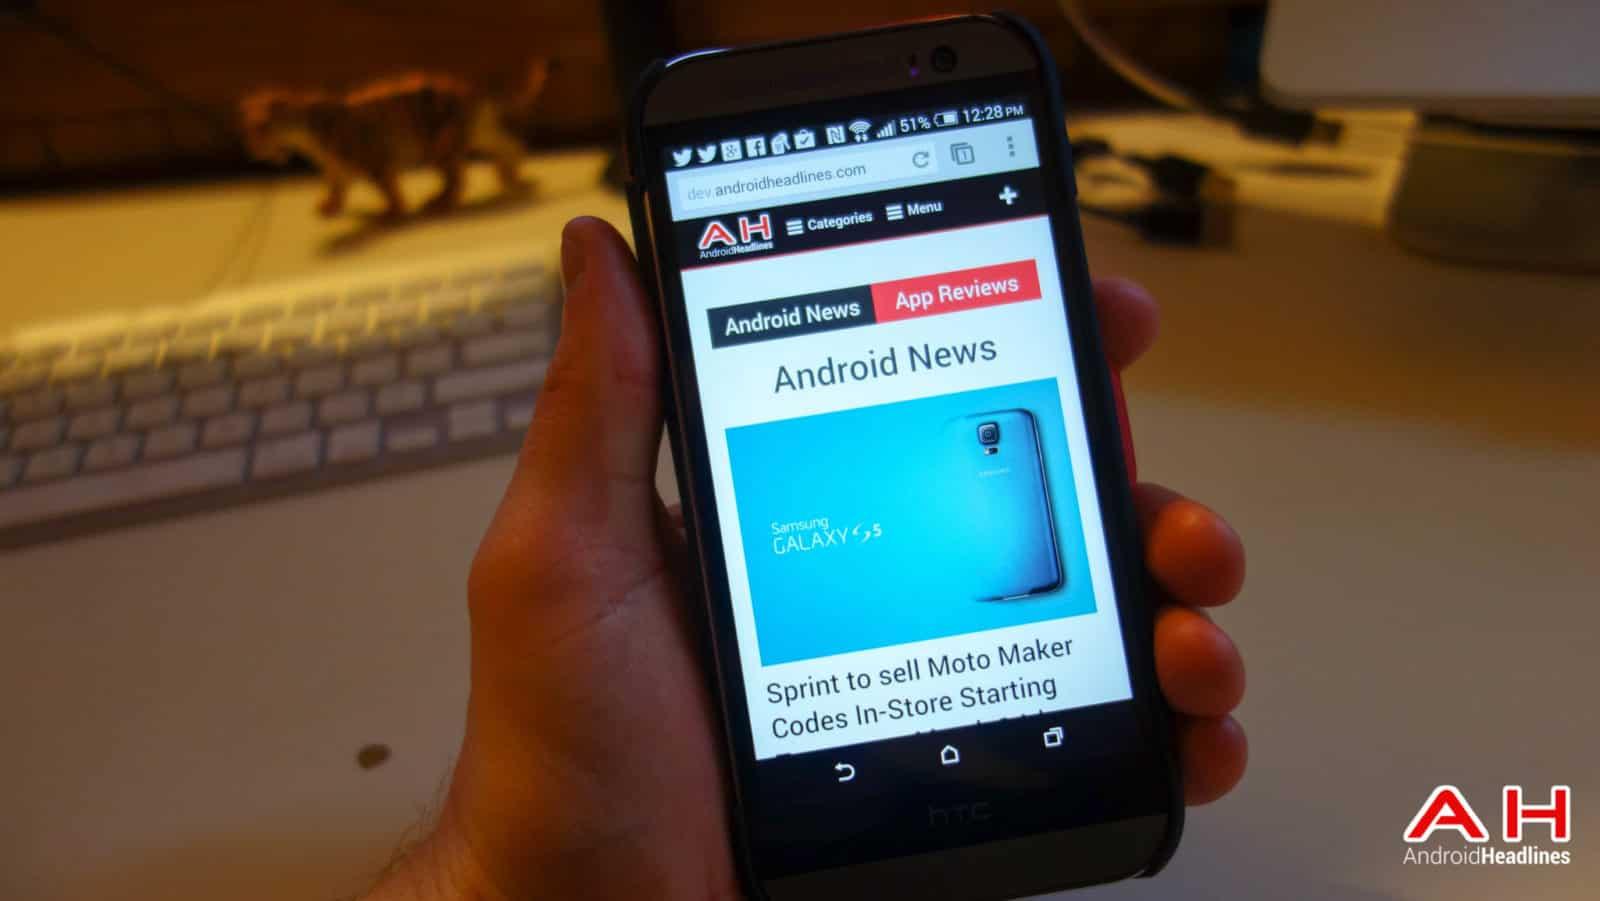 HTC-One-M8-Seidio-Ledger-Review-AH-12